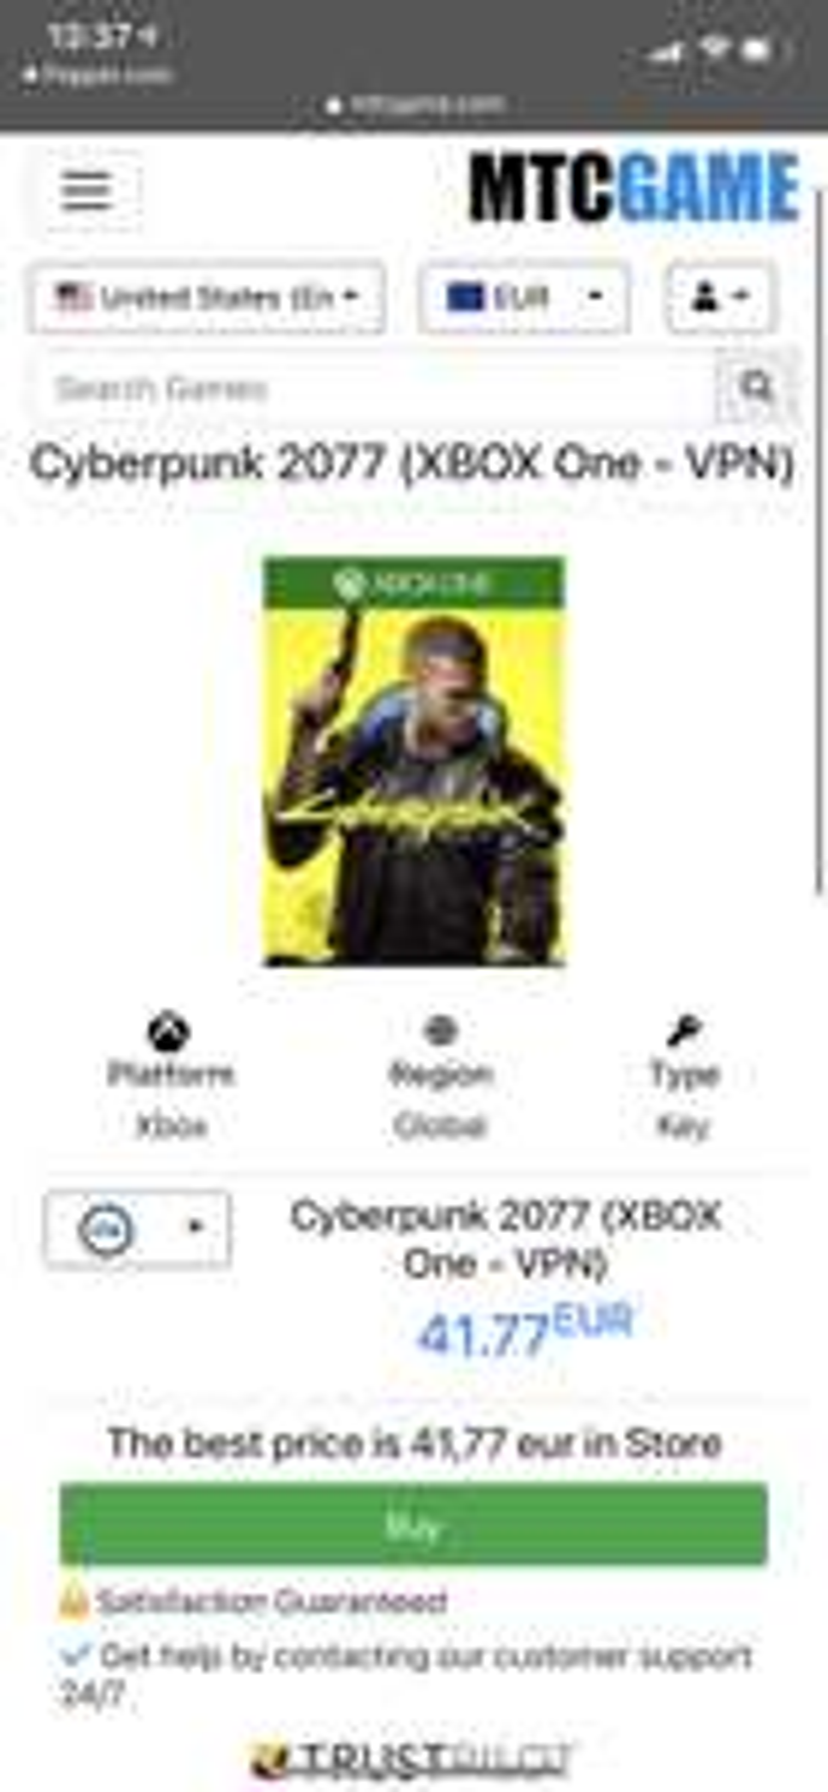 Cyberpunk 2077 (XBOX One - VPN)